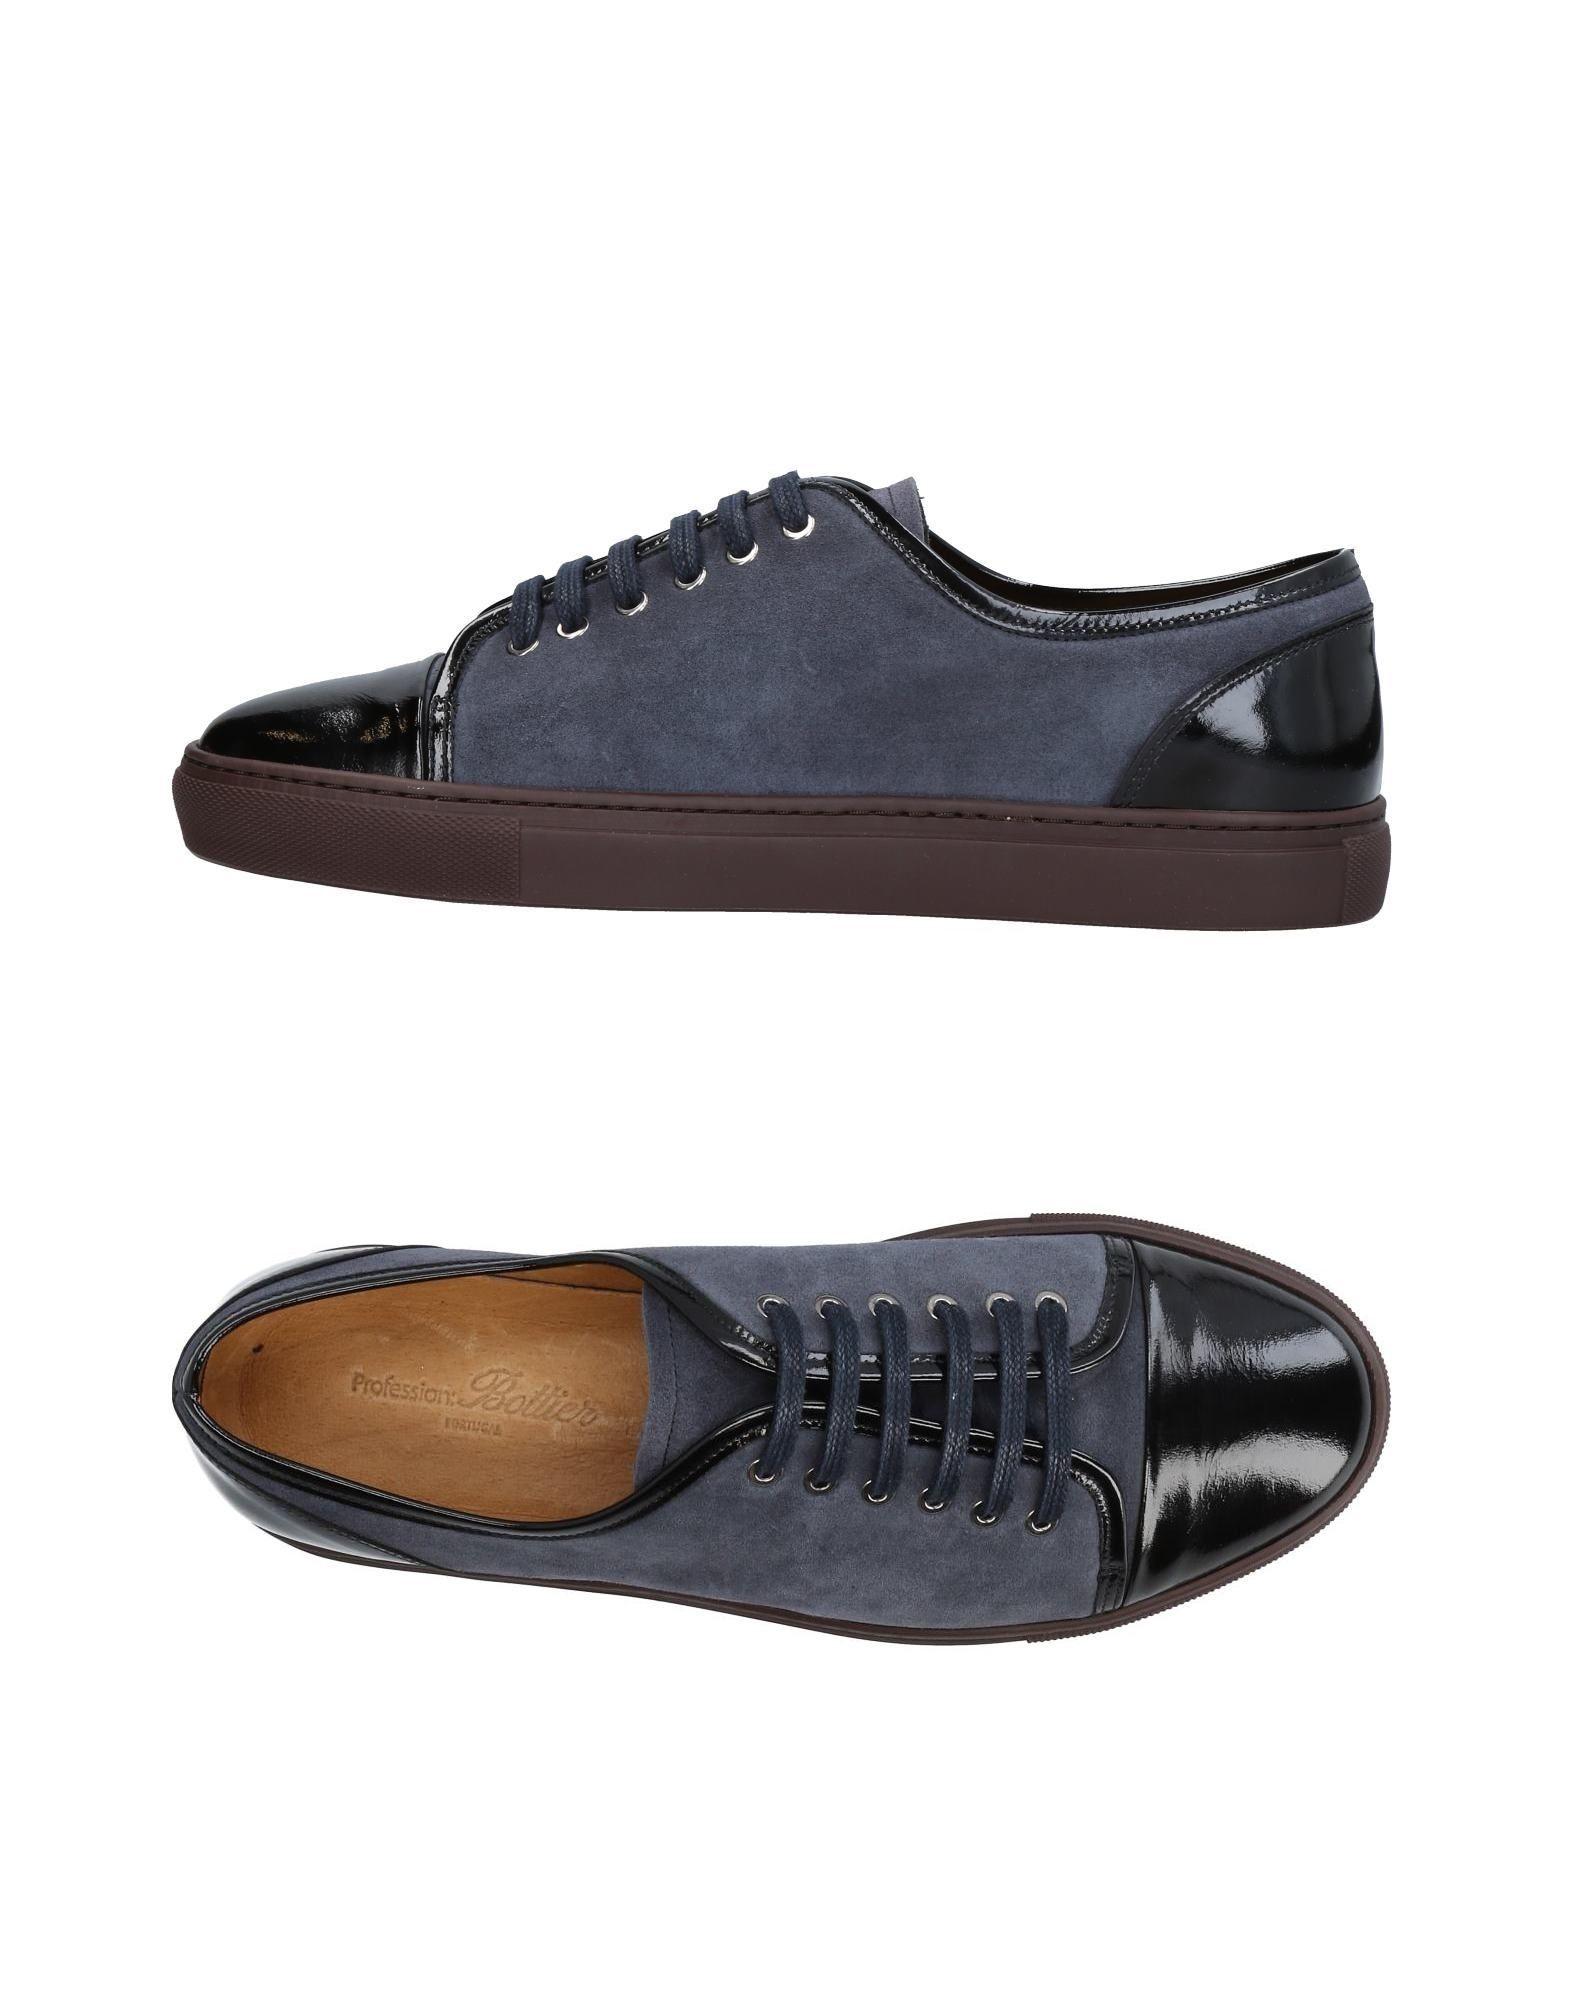 Rabatt echte Schuhe Profession: Bottier Bottier Bottier Sneakers Herren  11437824TK c85cbb